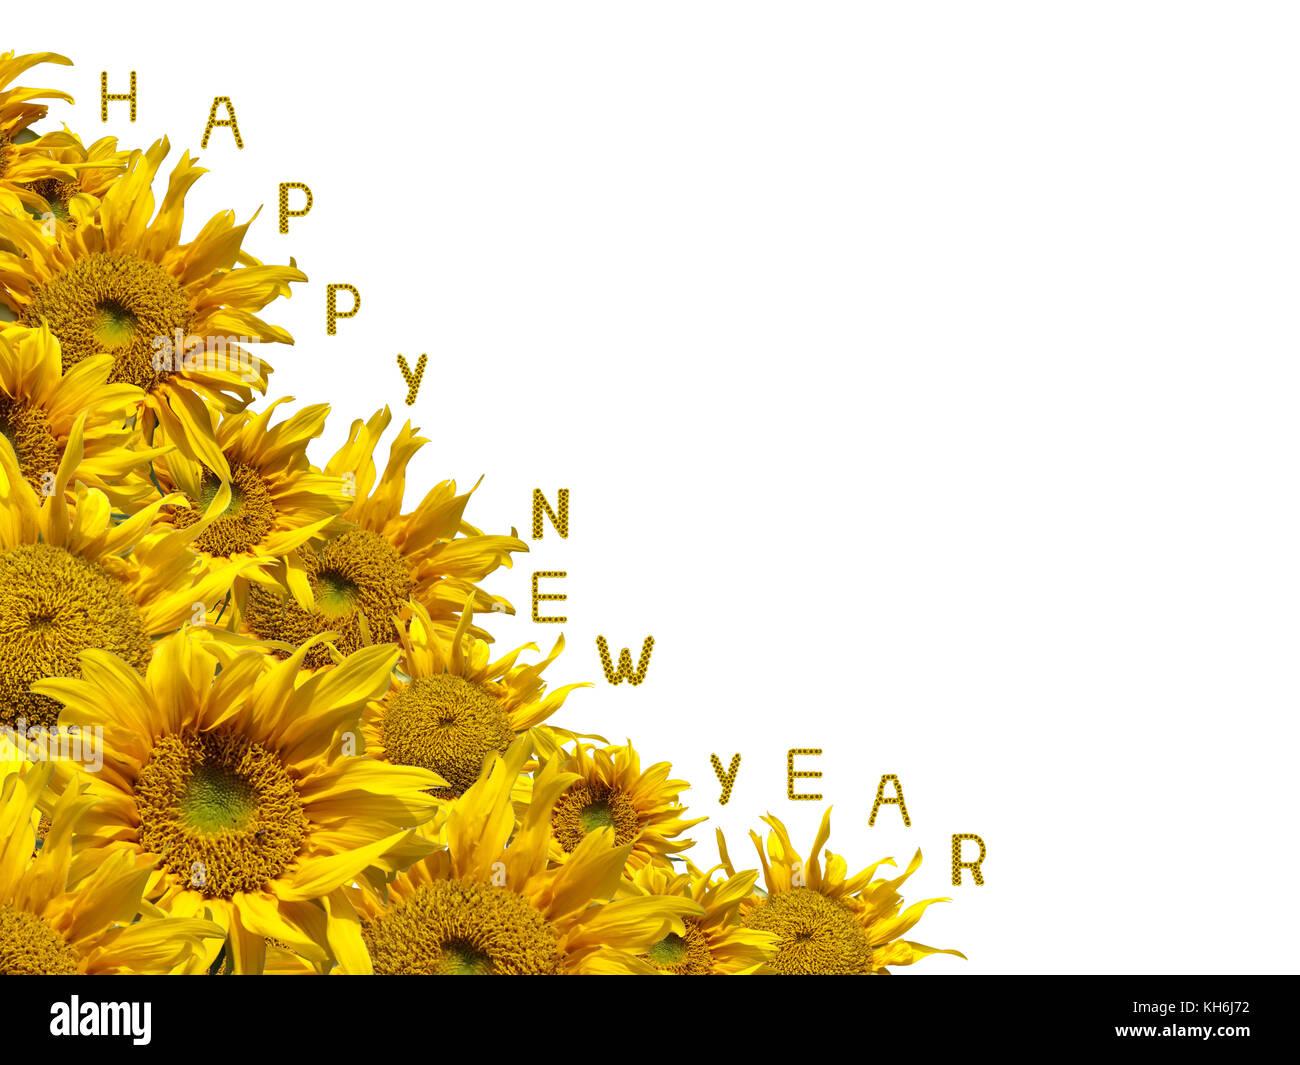 Berühmt Sunflower Bilderrahmen Fotos - Rahmen Ideen ...